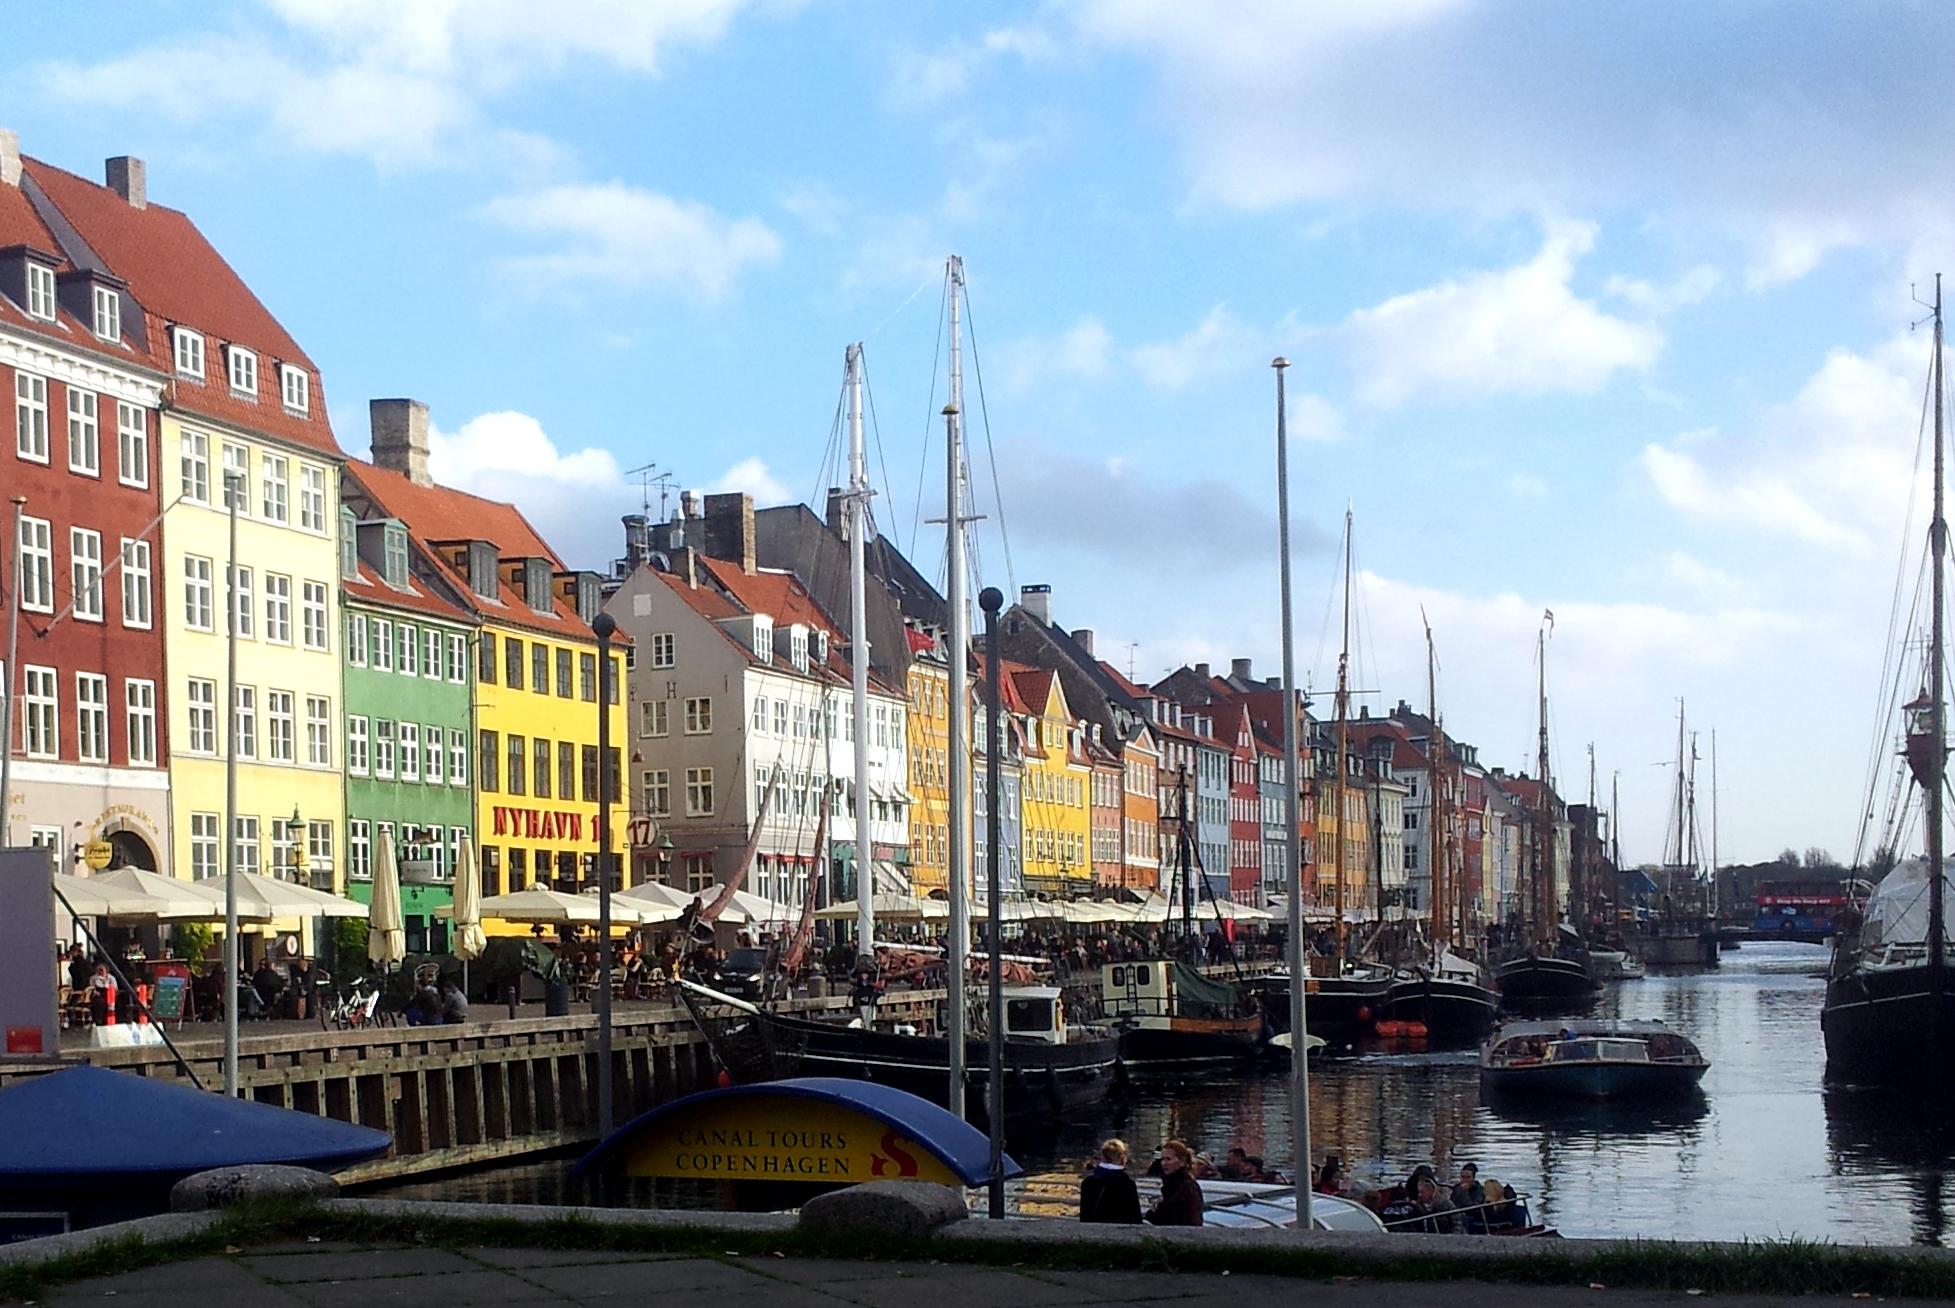 Die besten Sehenswürdigkeiten in Kopenhagen